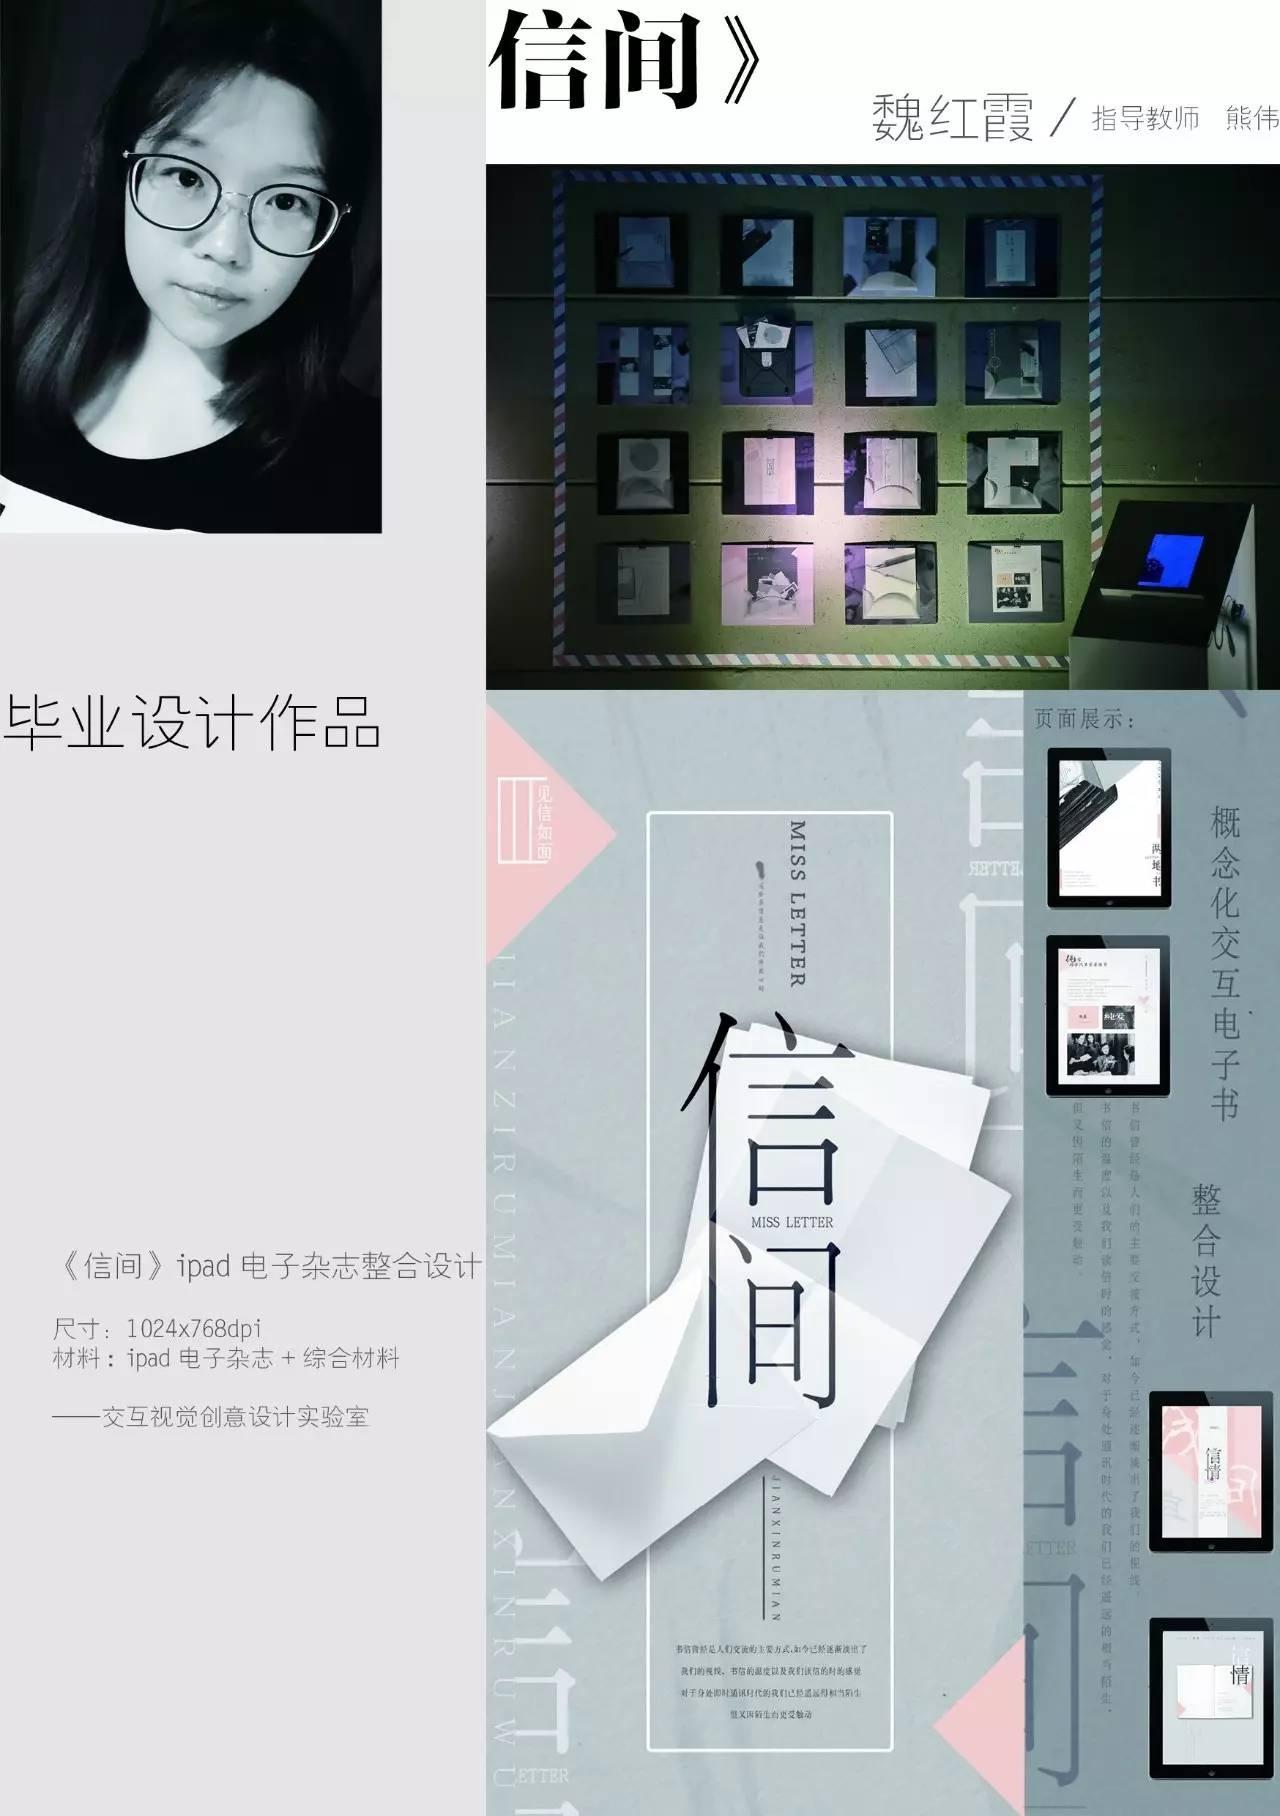 鲁迅美术学院动画字体大全(05工作室)毕业设计女的学院设计图片传媒图片